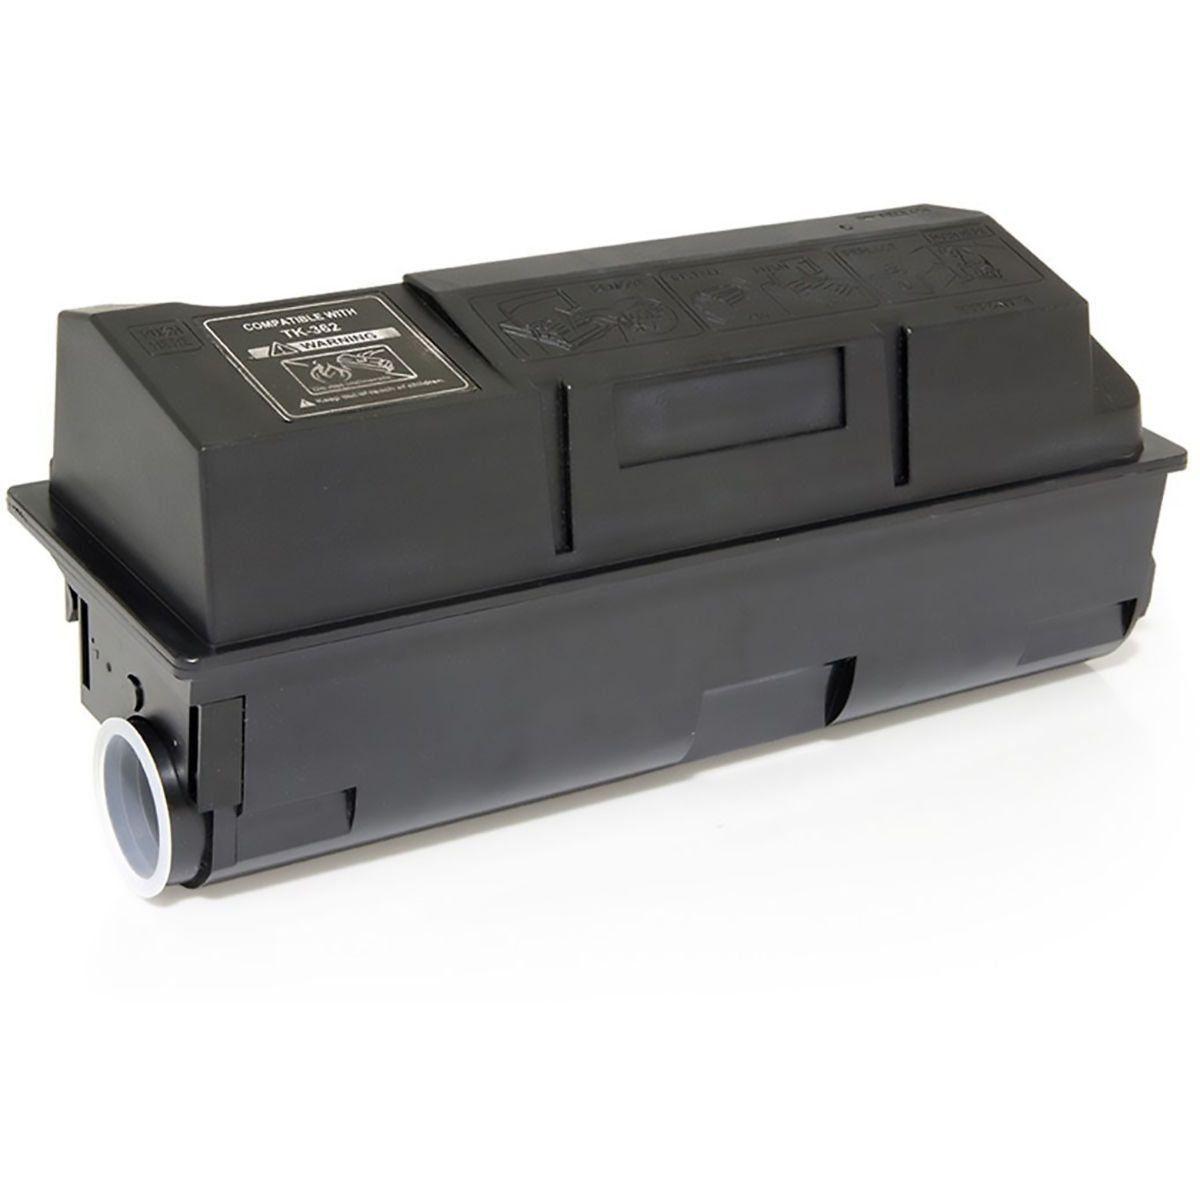 Toner compatível KYOCERA TK362 TK360 | FS 4020D FS4020 20.000 Páginas - Cartucho & Cia